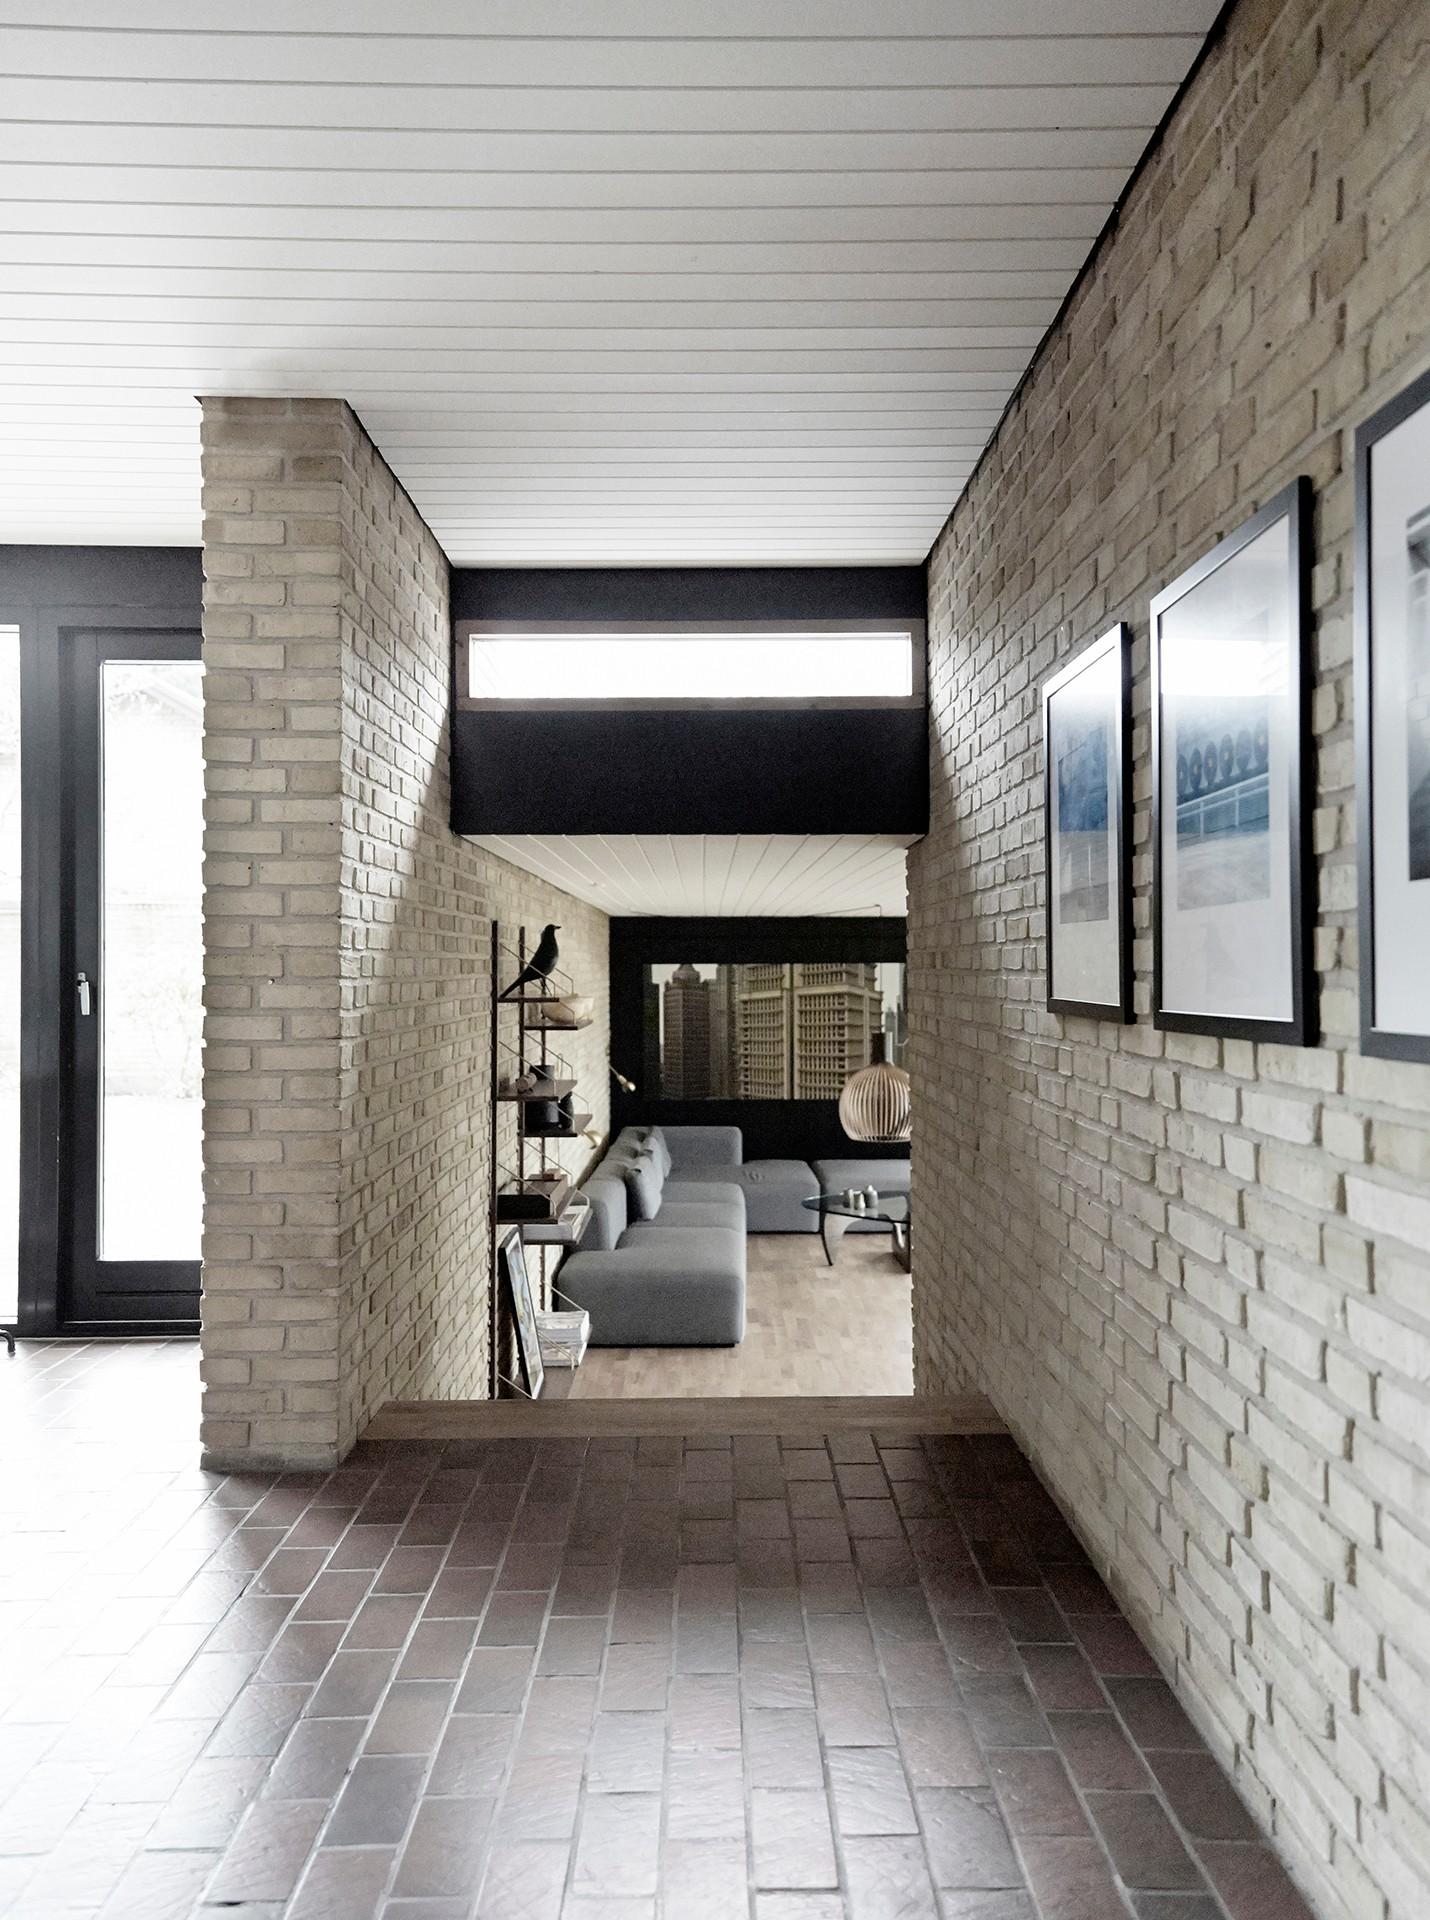 sofie-ladefoged-interior-villa-ladefoged-04.jpg